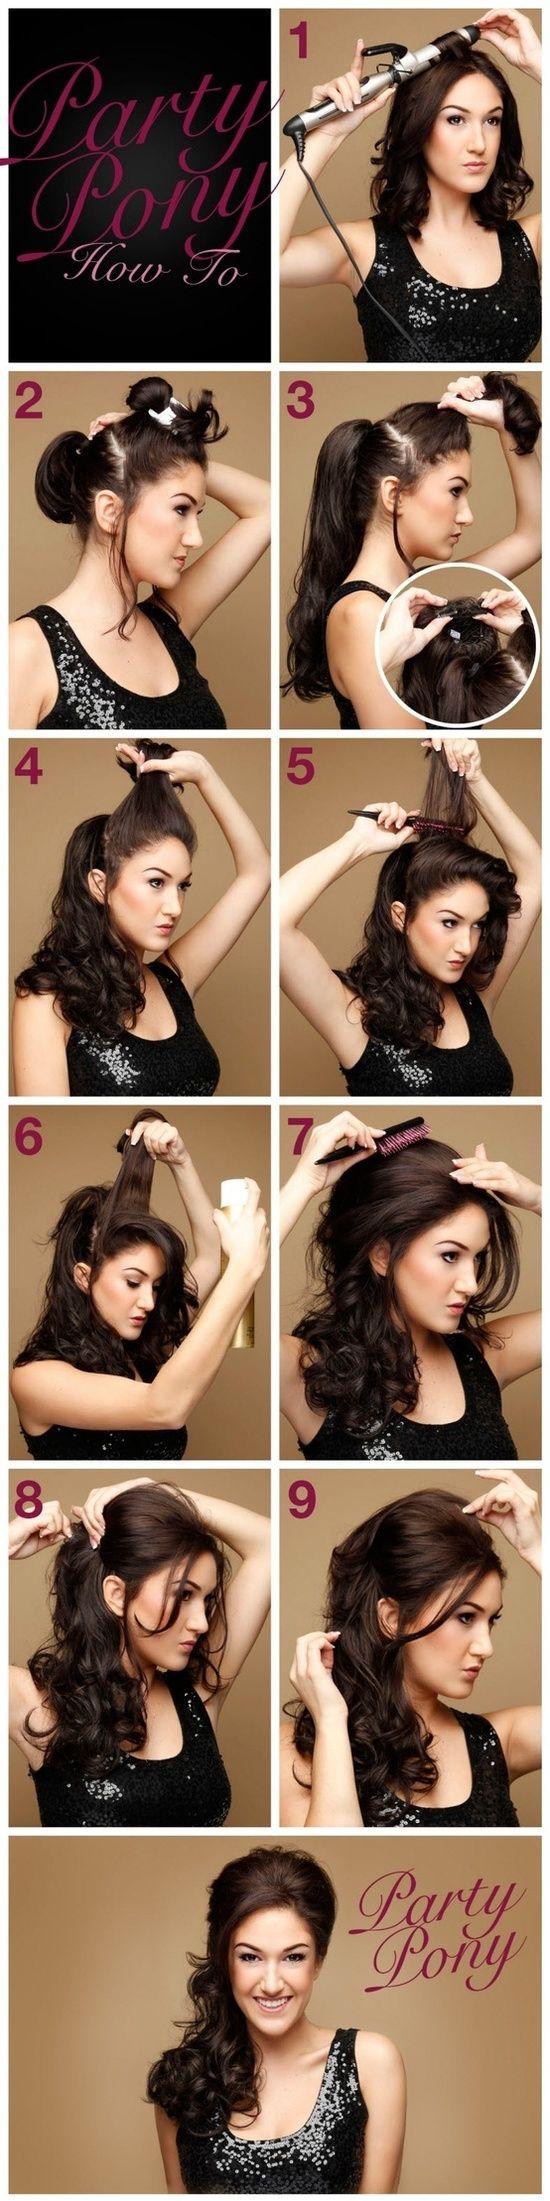 ¿Cómo obtener un bonito peinado?